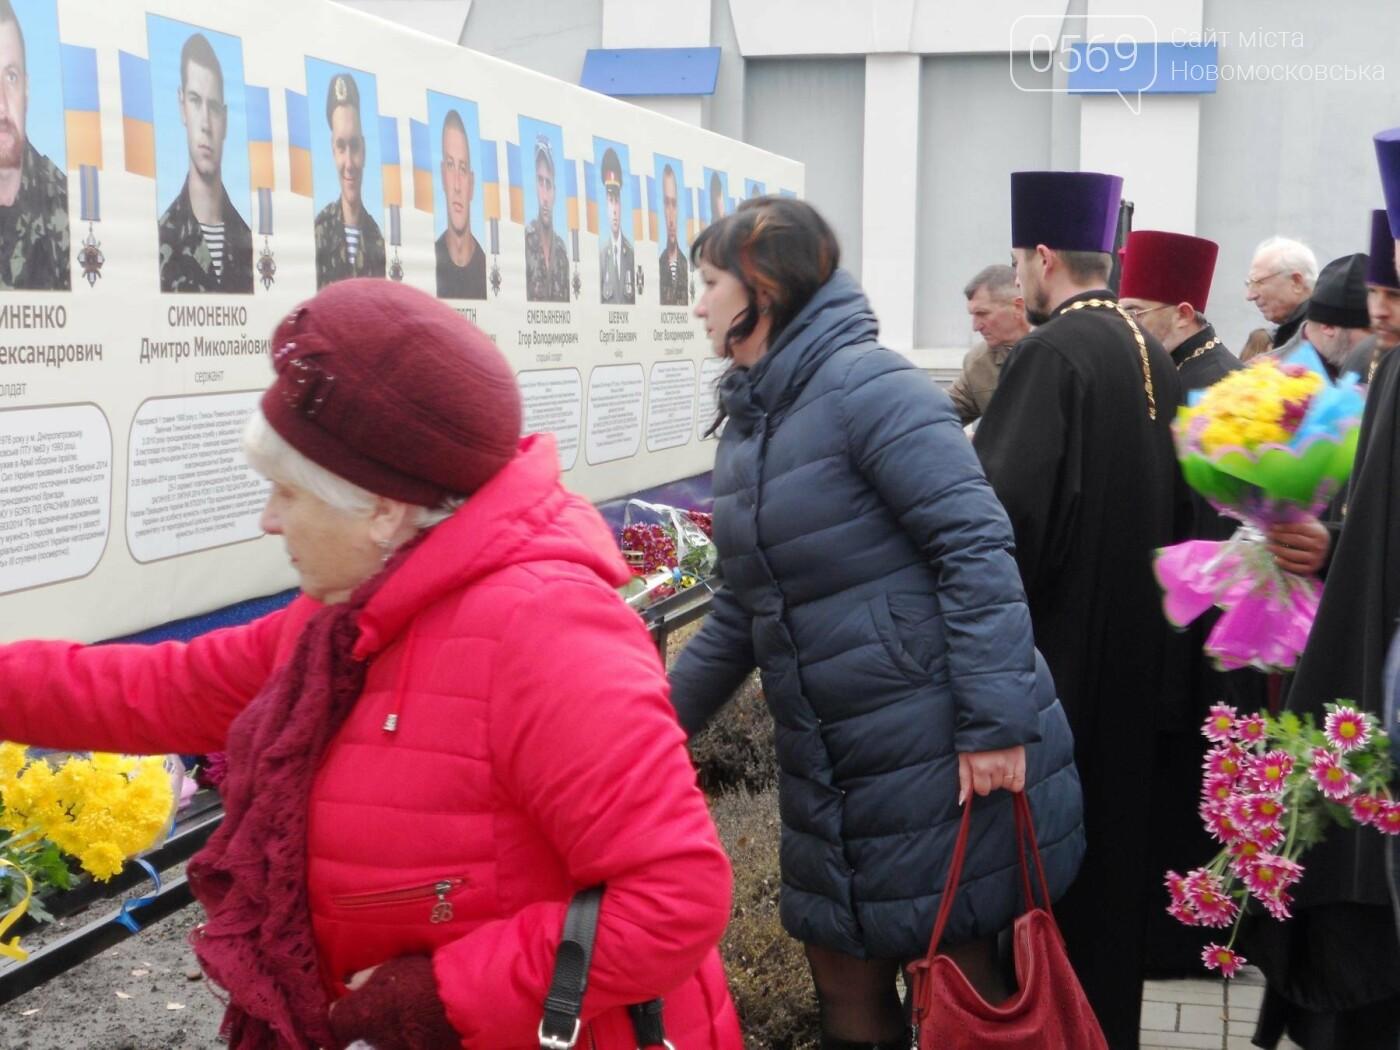 Як Новомосковськ відзначив День гідності та свободи, фото-5